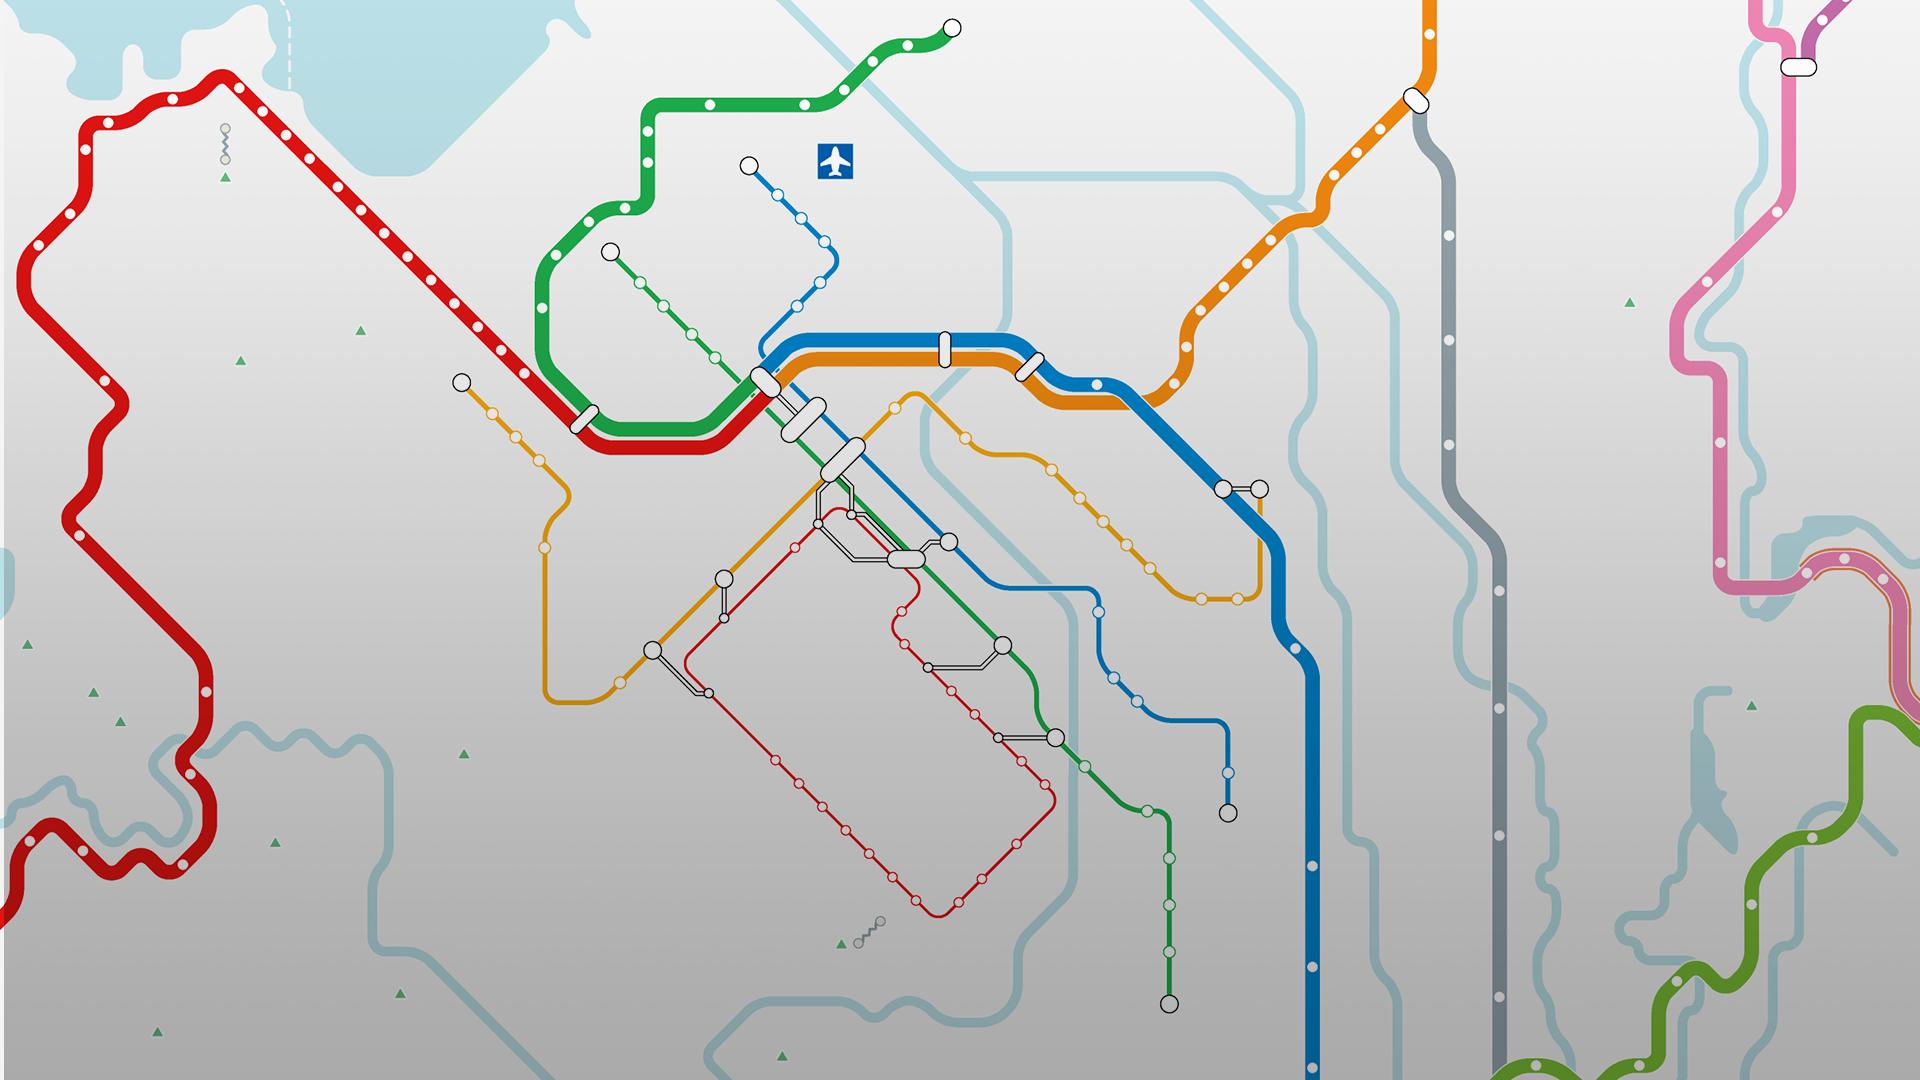 札幌(文字なし)